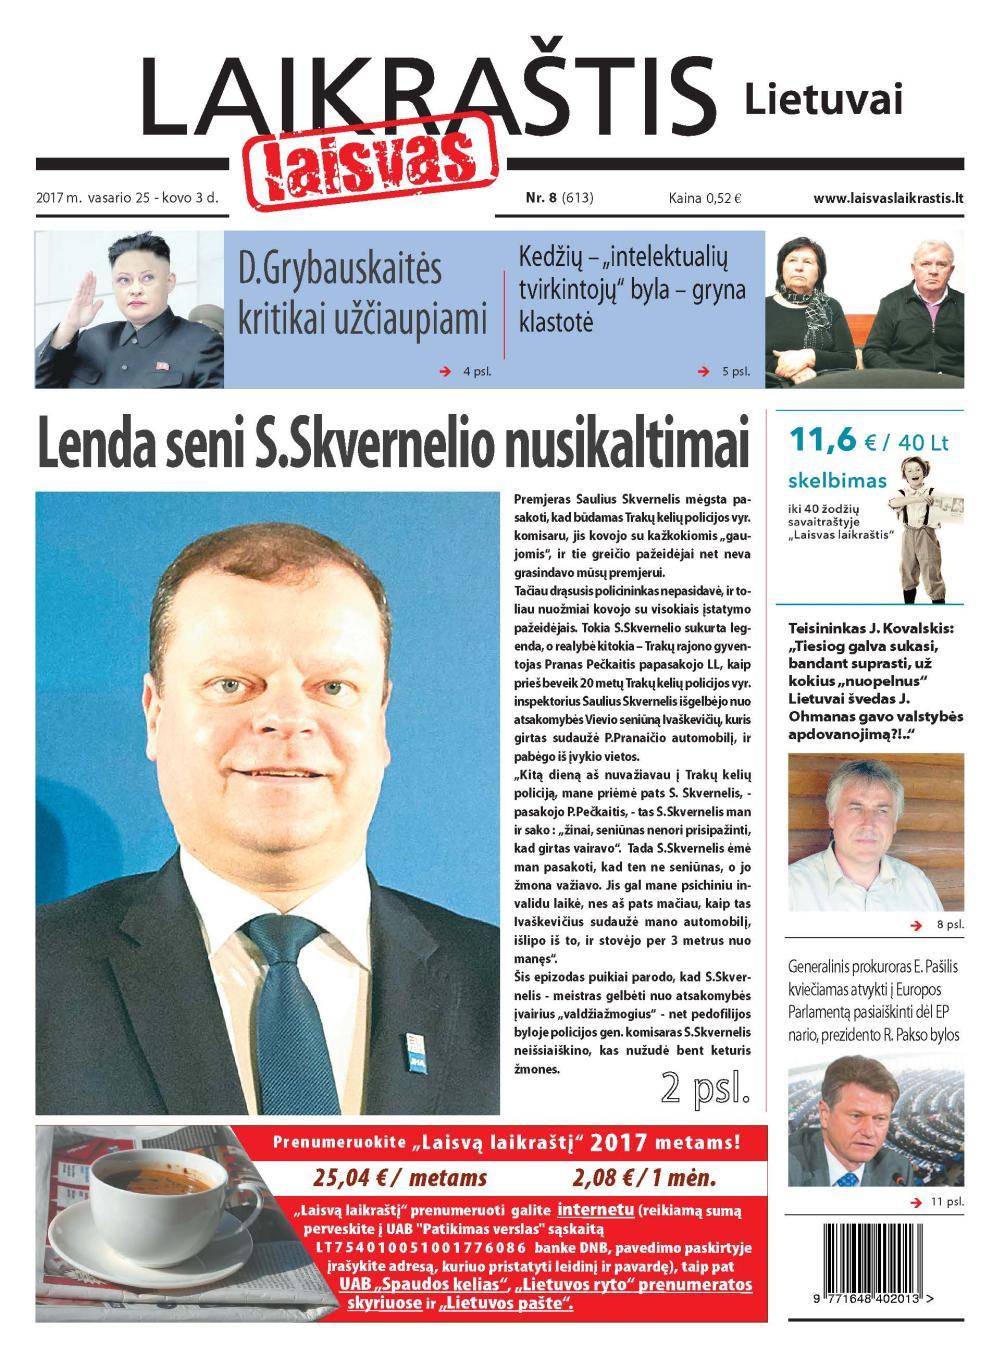 VSD su AOTD paskelbė, jog didžiausia grėsmė Lietuvai – demokratija